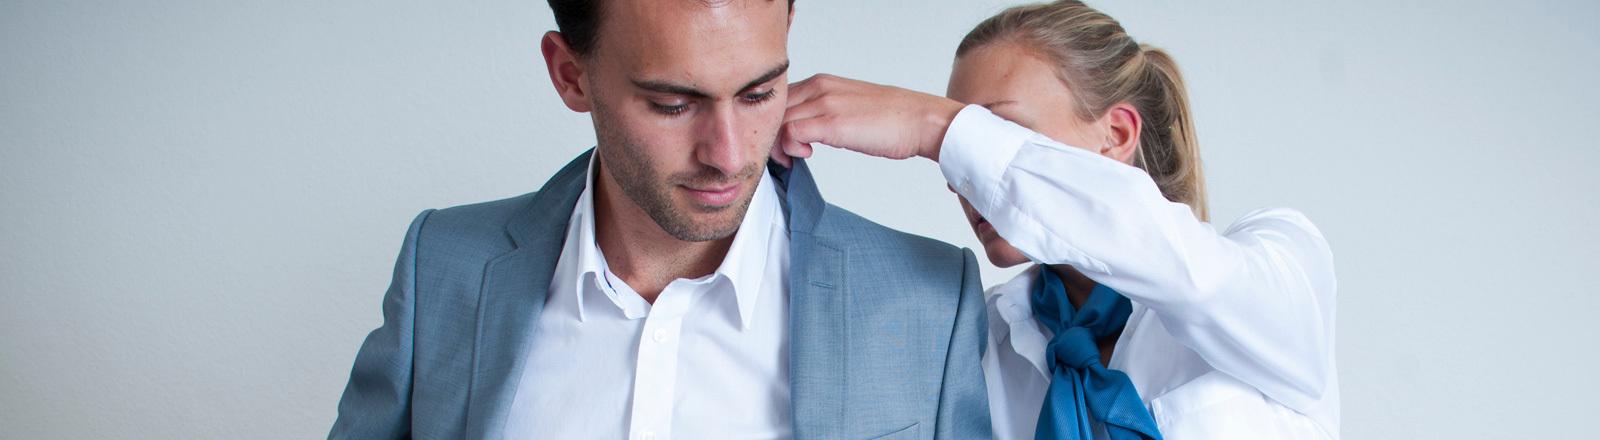 Ein Mann zieht seine Anzugsjacke an. Eine Frau hilft ihm und macht den Kragen ordentlich.